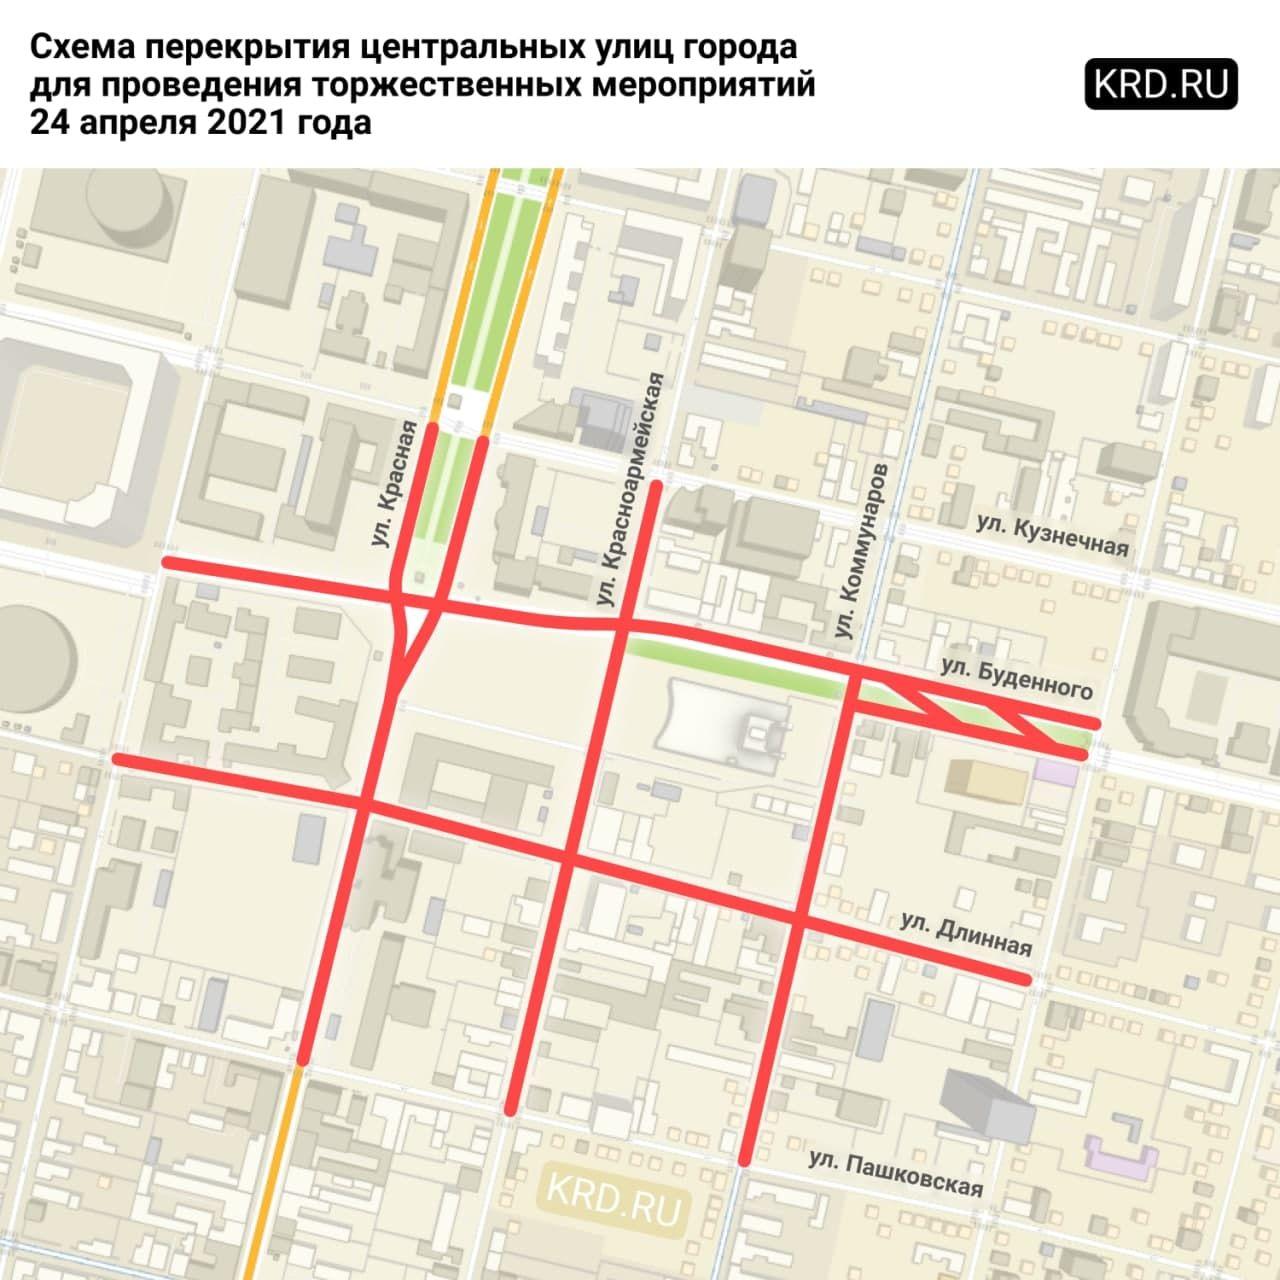 Схема перекрытия улиц в центре Краснодара 24 апреля ©Графика пресс-службы администрации Краснодара